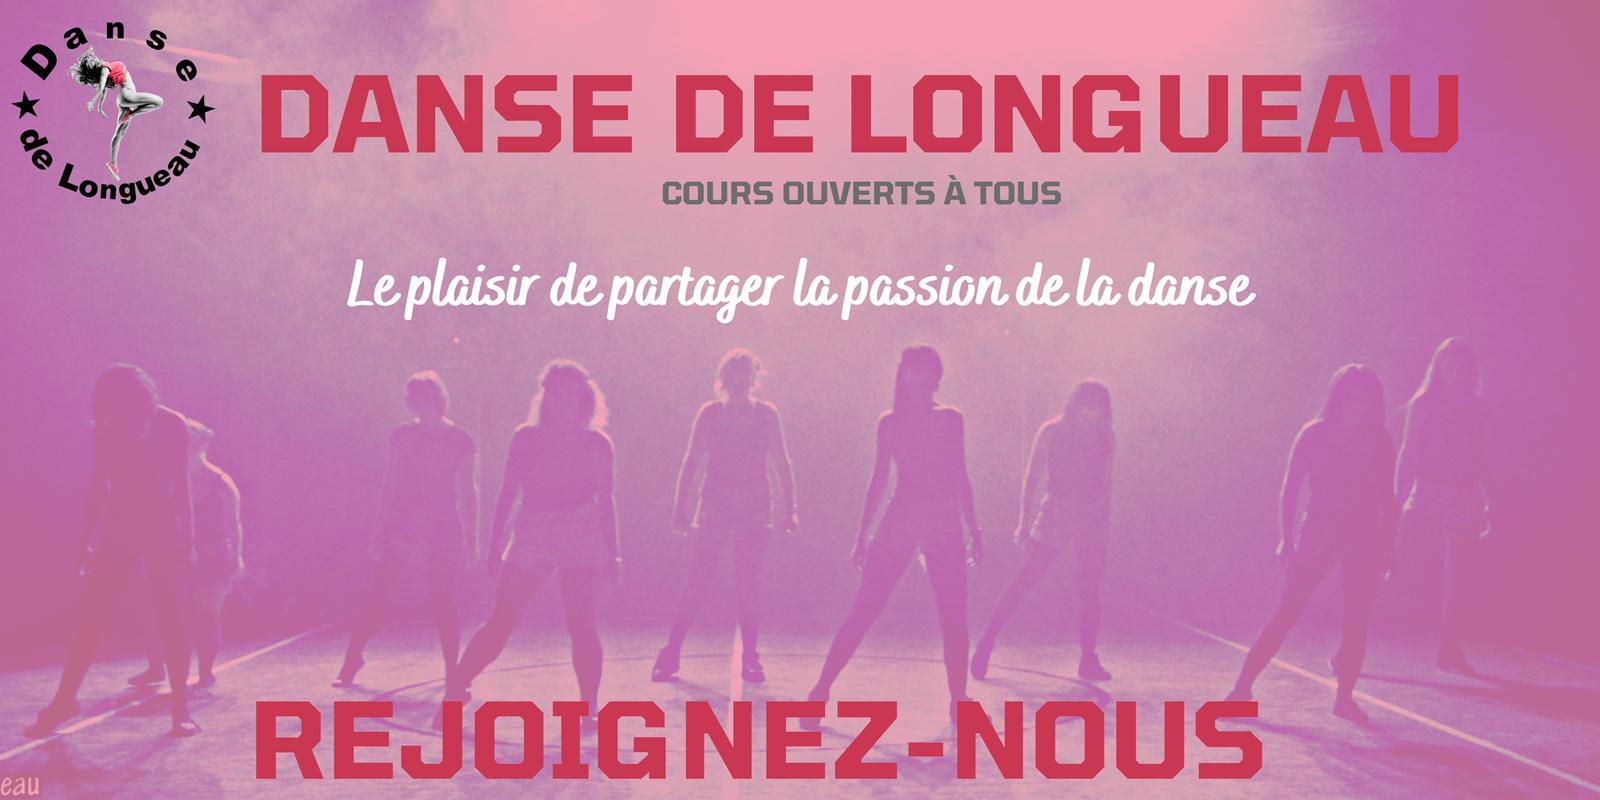 Danse de Longueau